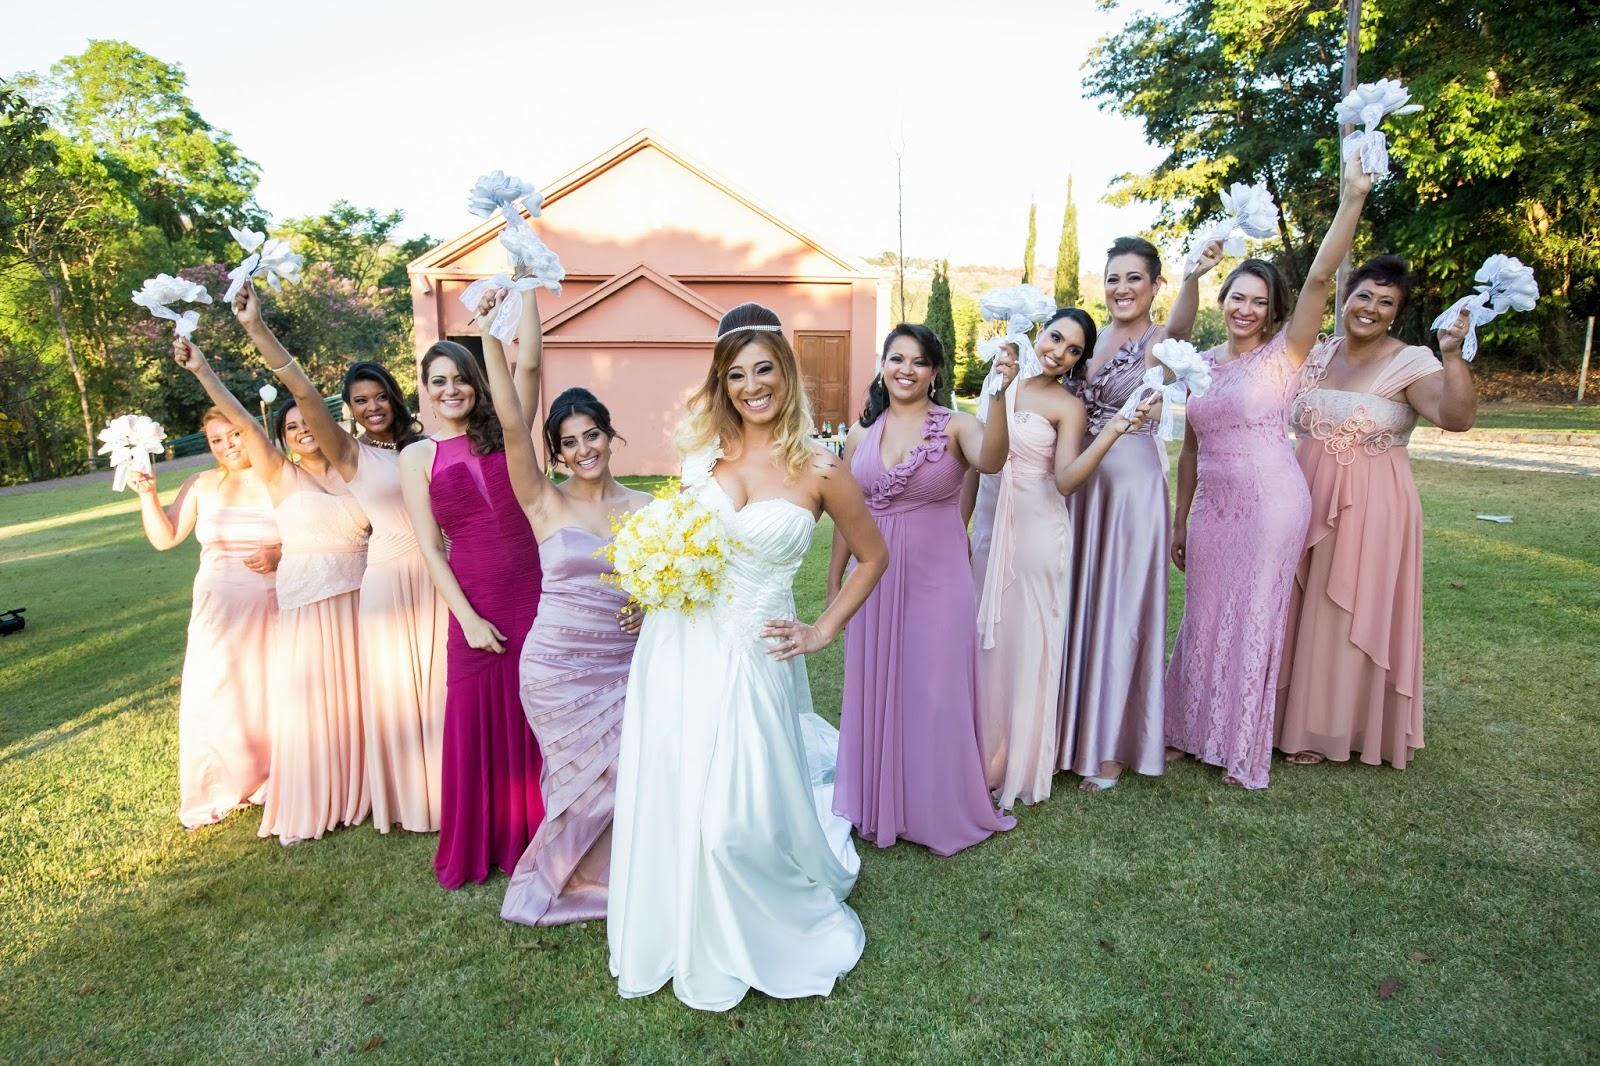 noiva - madrinhas - foto madrinhas - madrinhas vestido mesma cor - casamento de dia - casamento ao ar livre